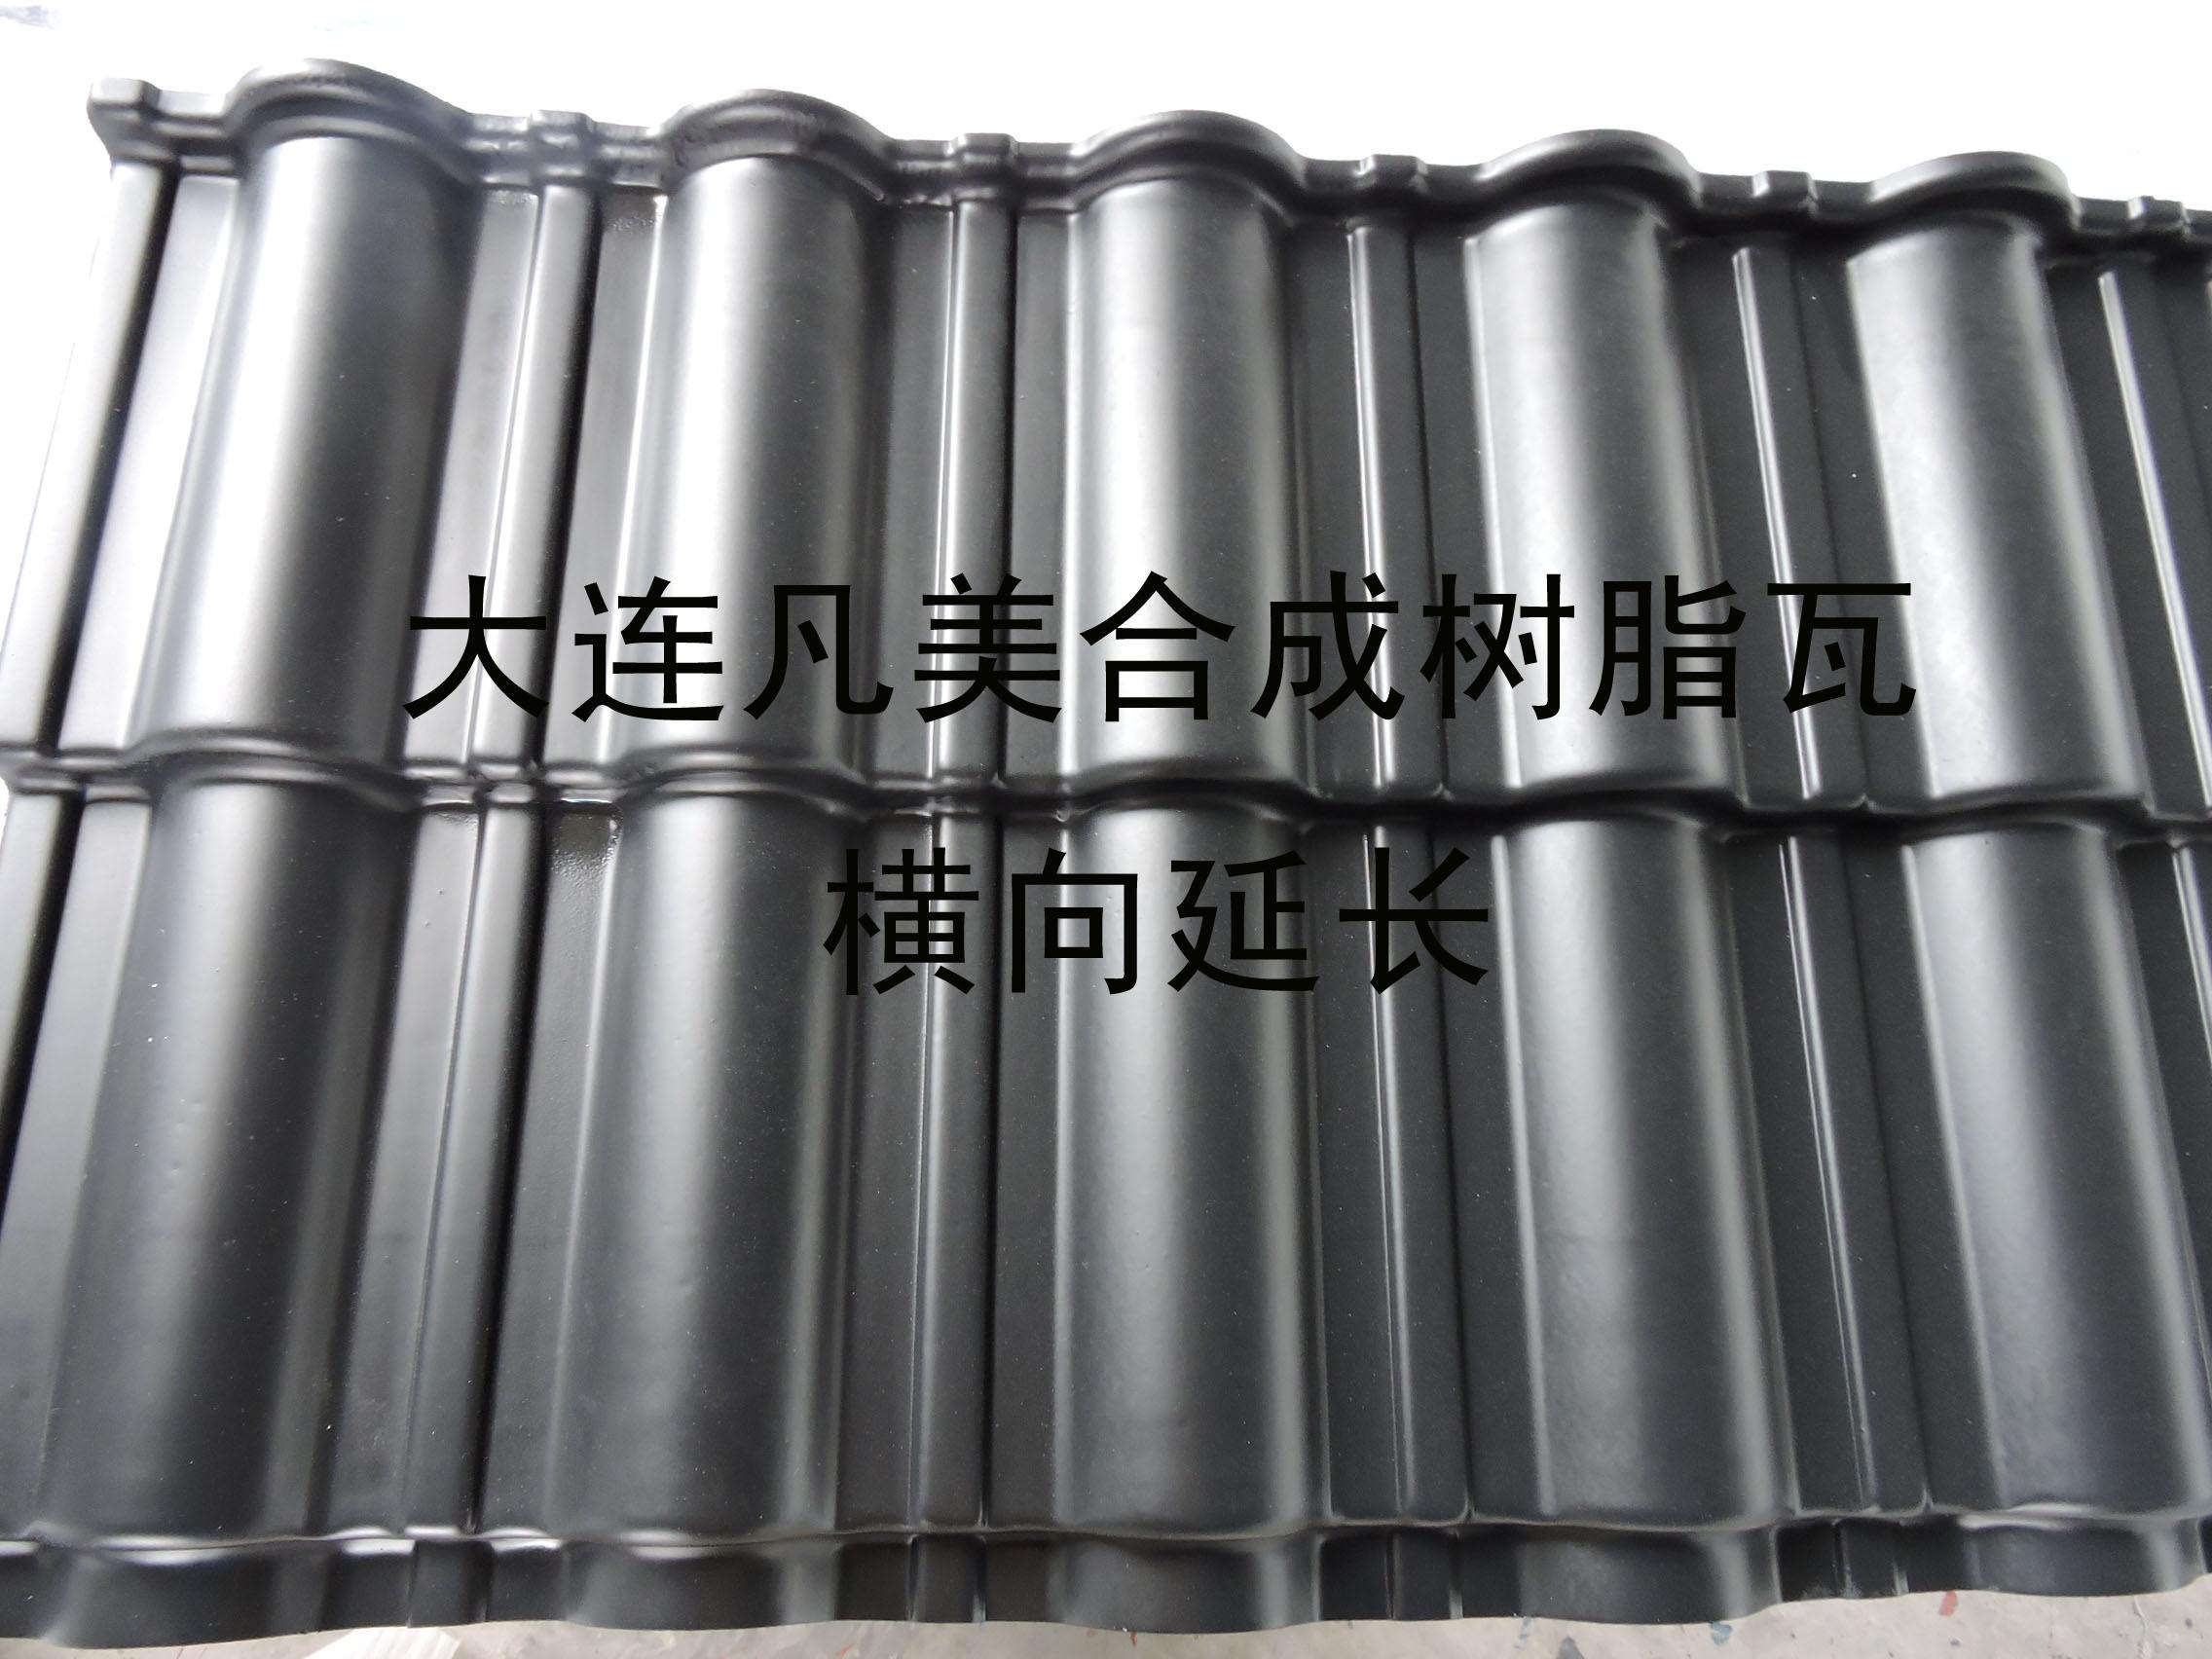 塑料彩瓦-仿古建筑屋顶瓦片